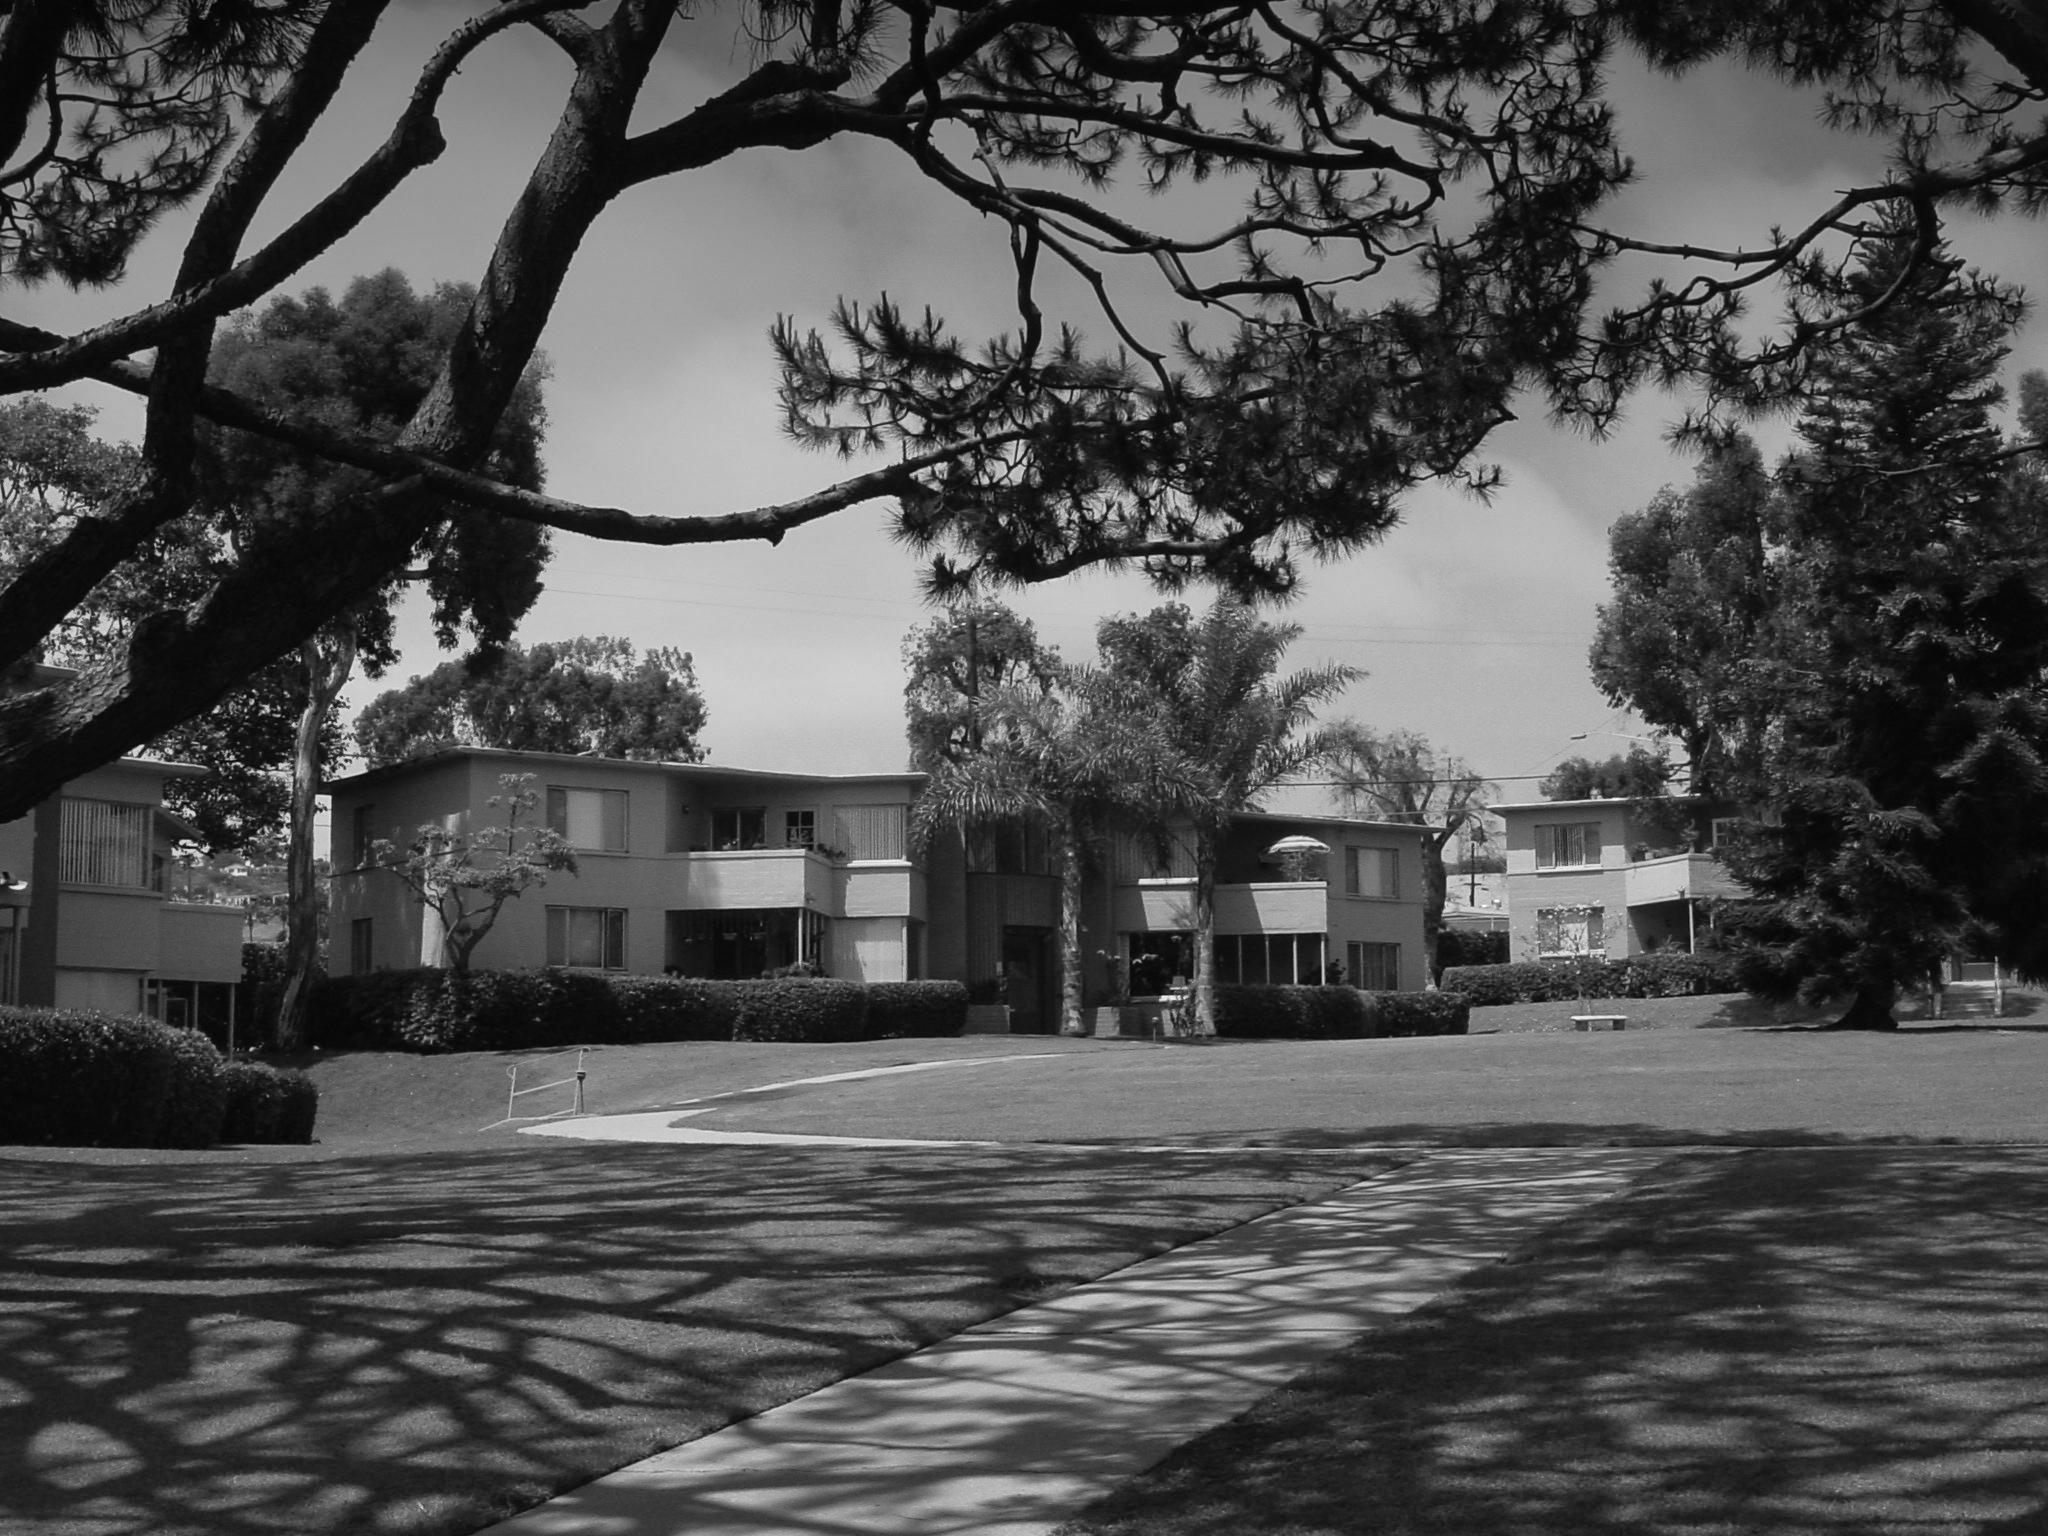 Clairemar Gardens (Park La Jolla Apartments), La Jolla, CA